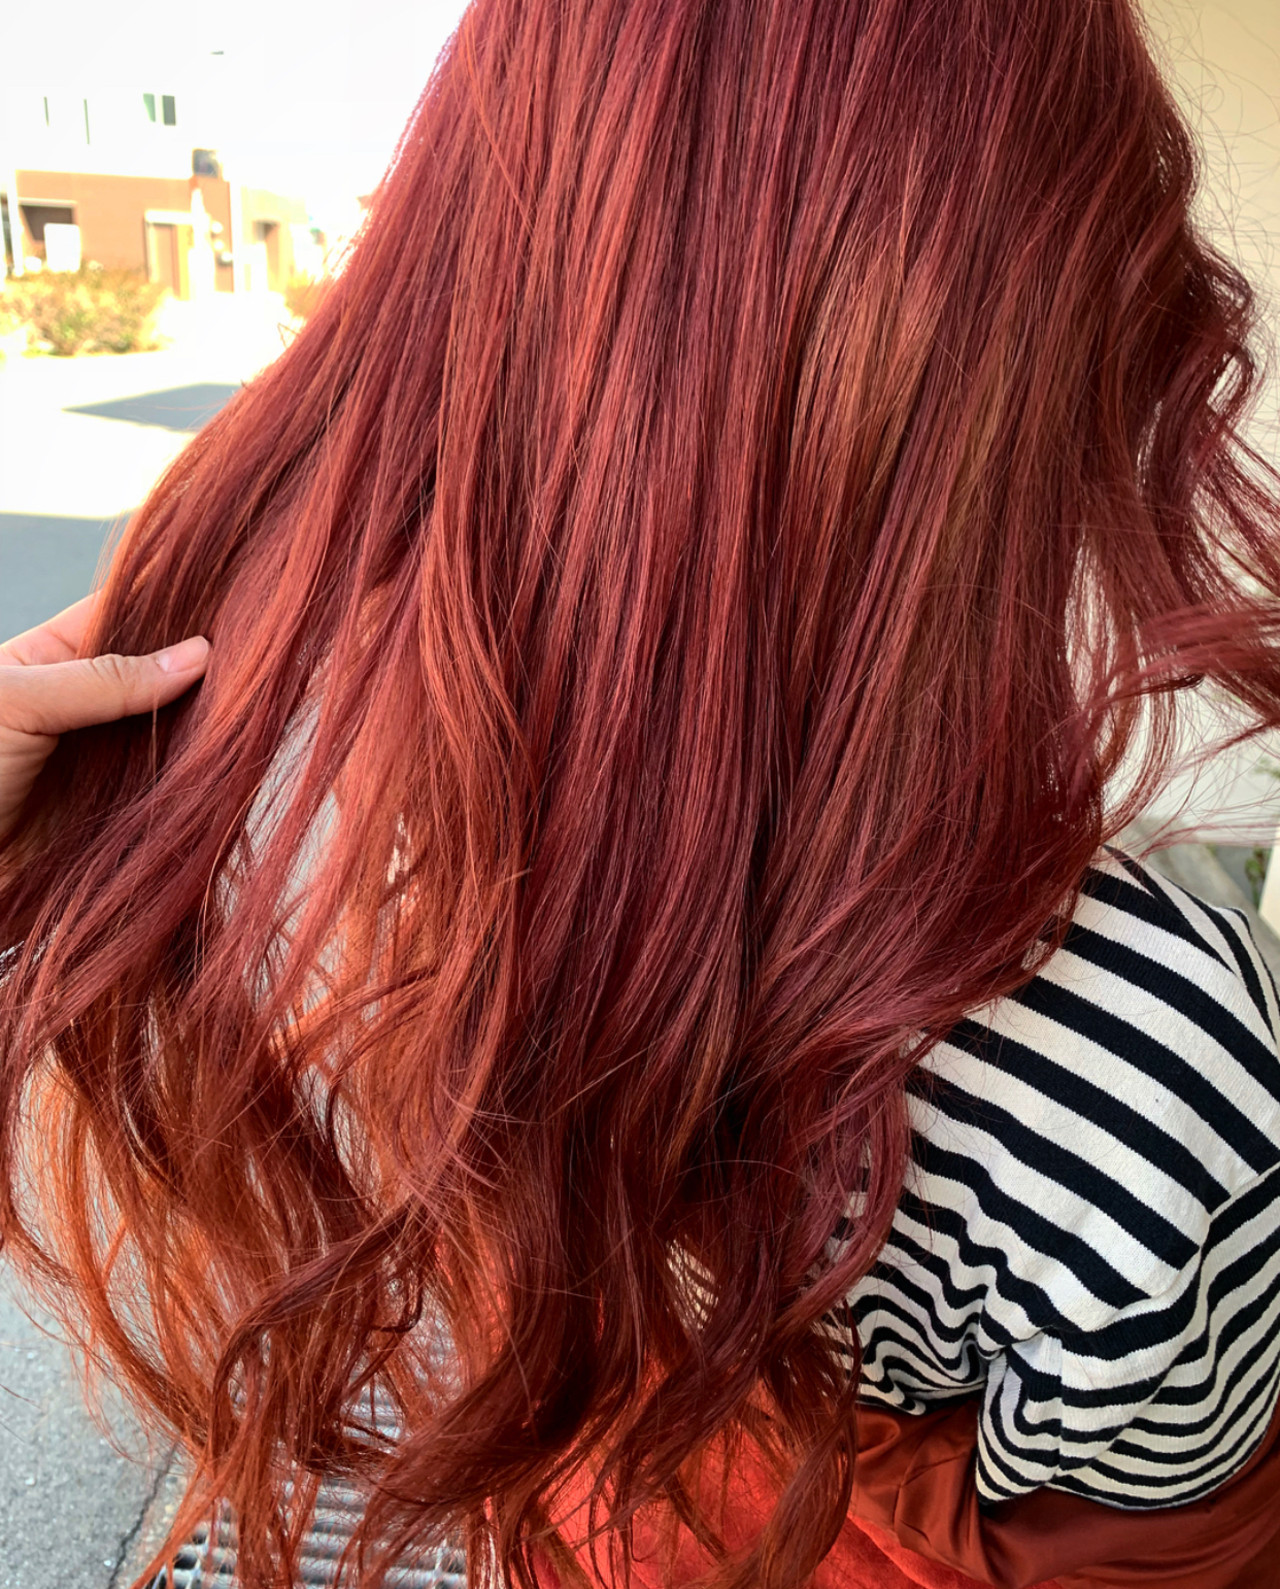 ヴァイオレット グラデーション チェリーレッド レッドカラー ヘアスタイルや髪型の写真・画像